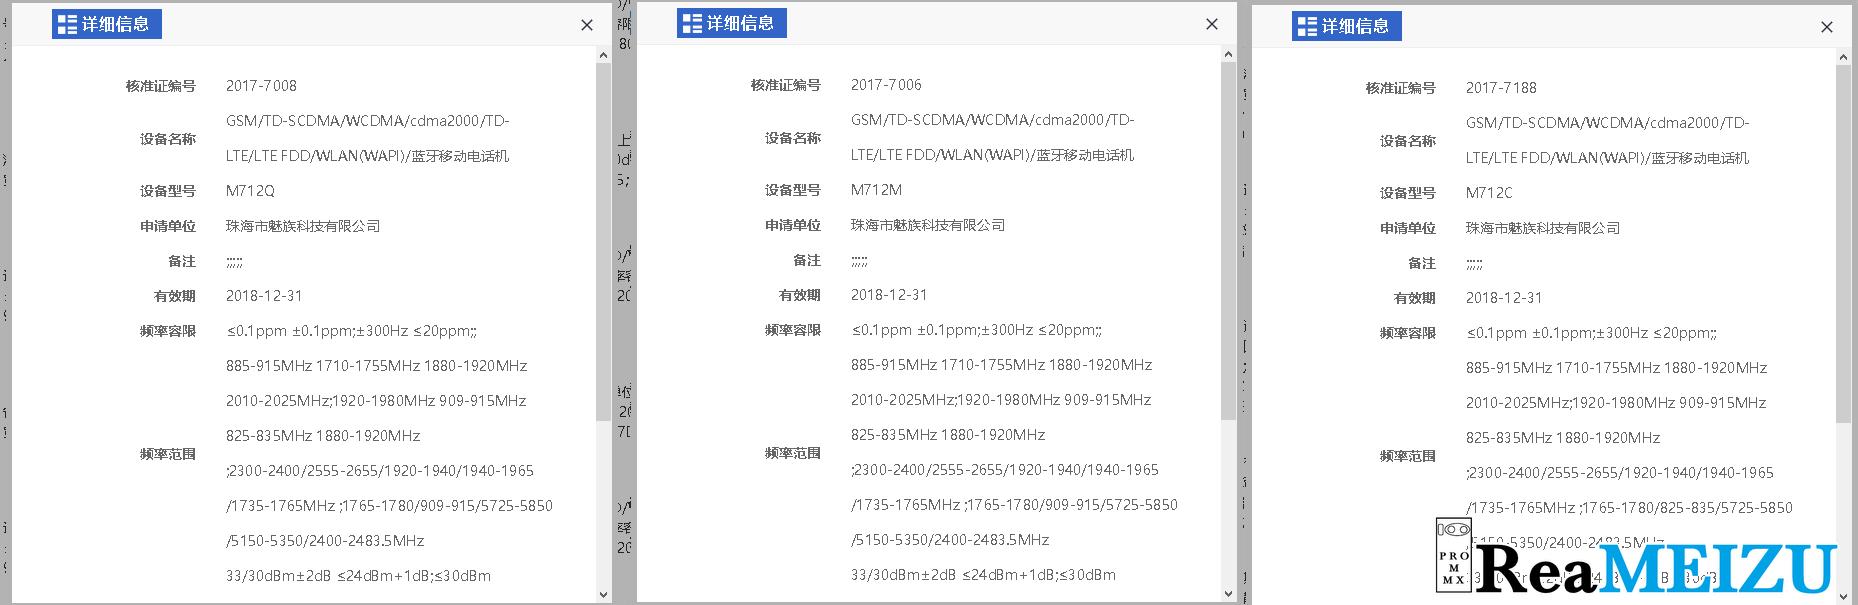 Meizu M6sがMIITの認証を通過